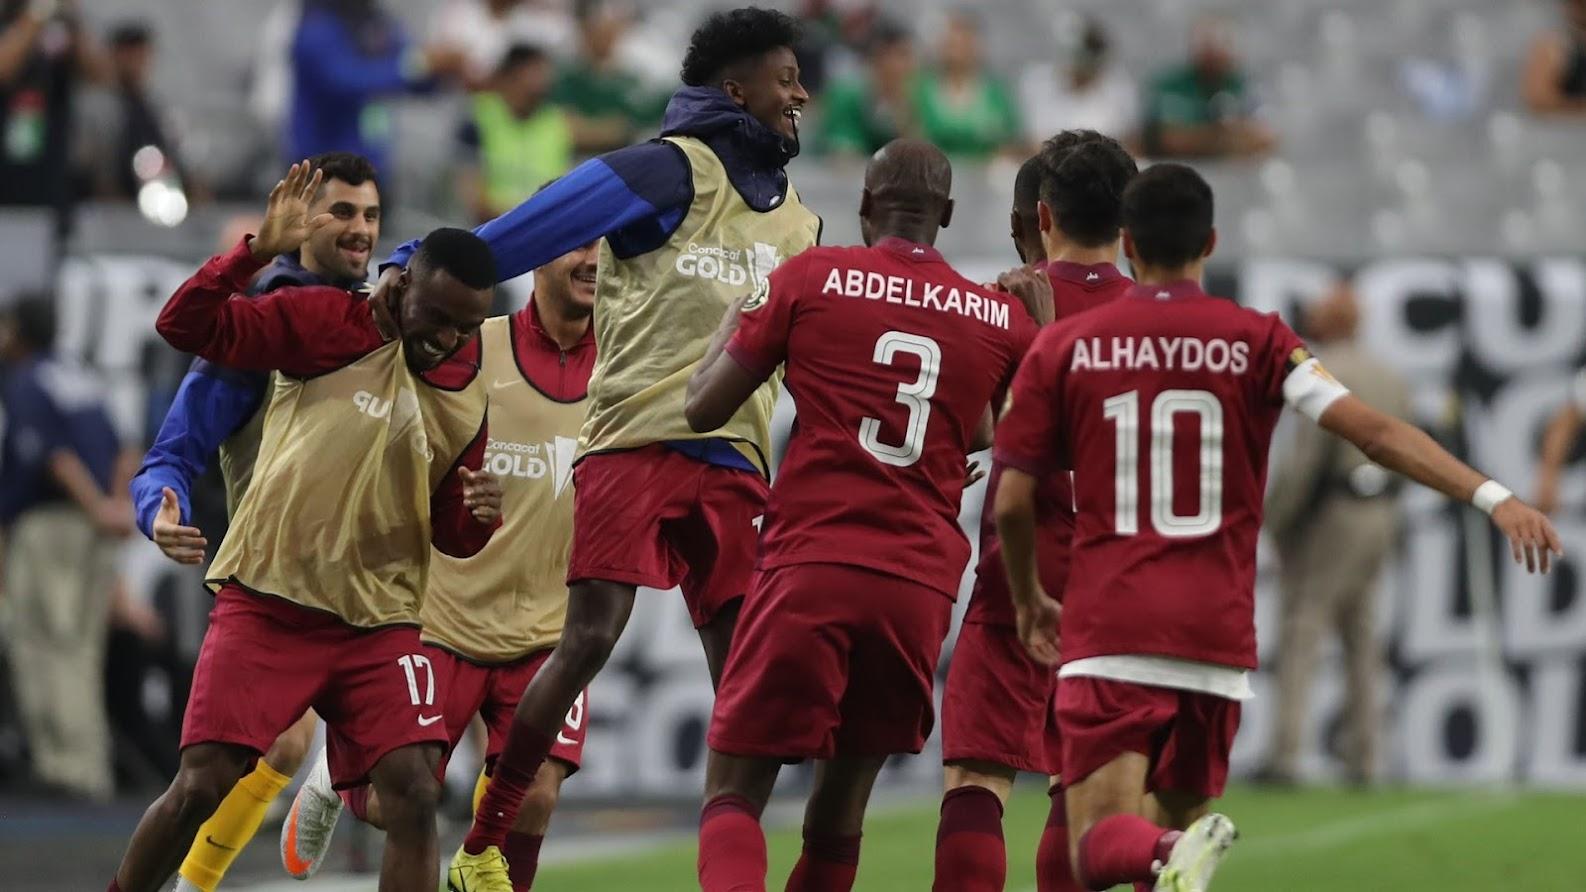 مباراة البرتغال و قطرمباراة ودية